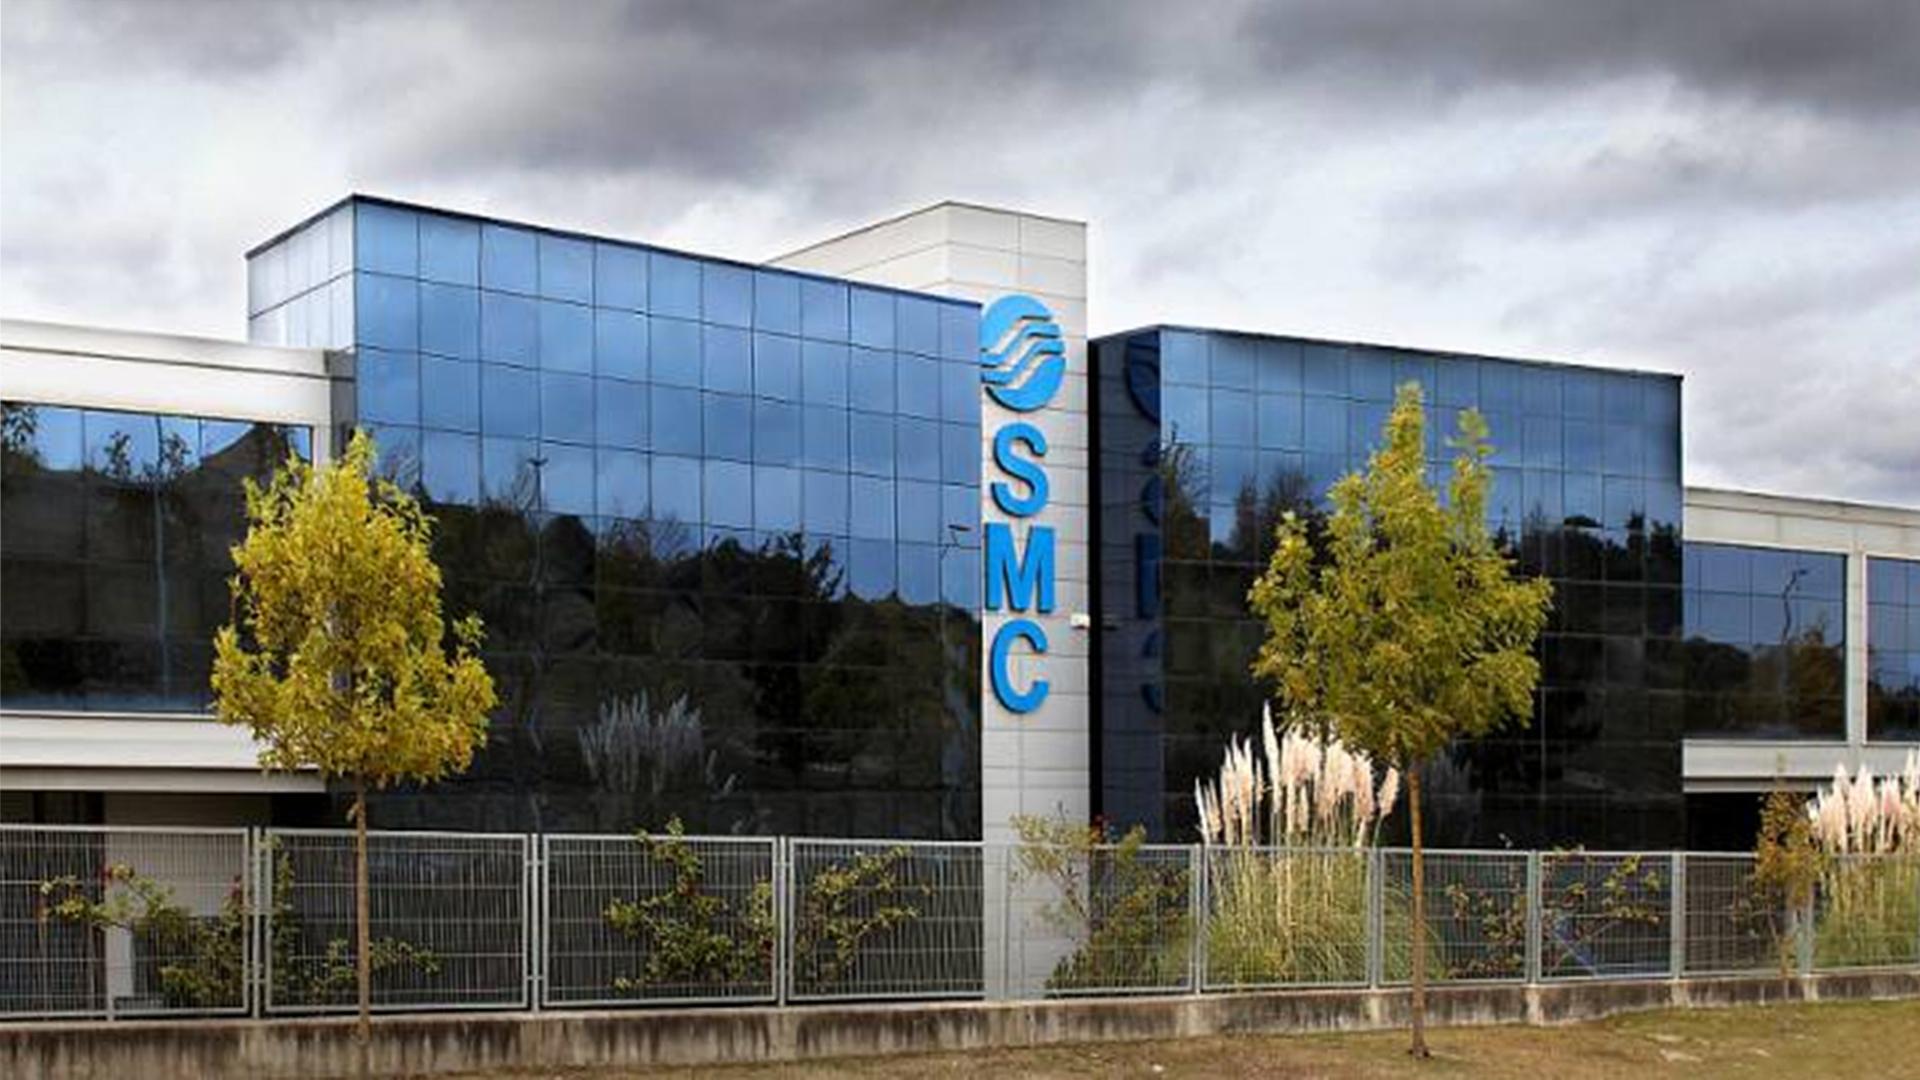 SMC adjudica a LKS Krean la ampliación de su sede central en Vitoria-Gasteiz.